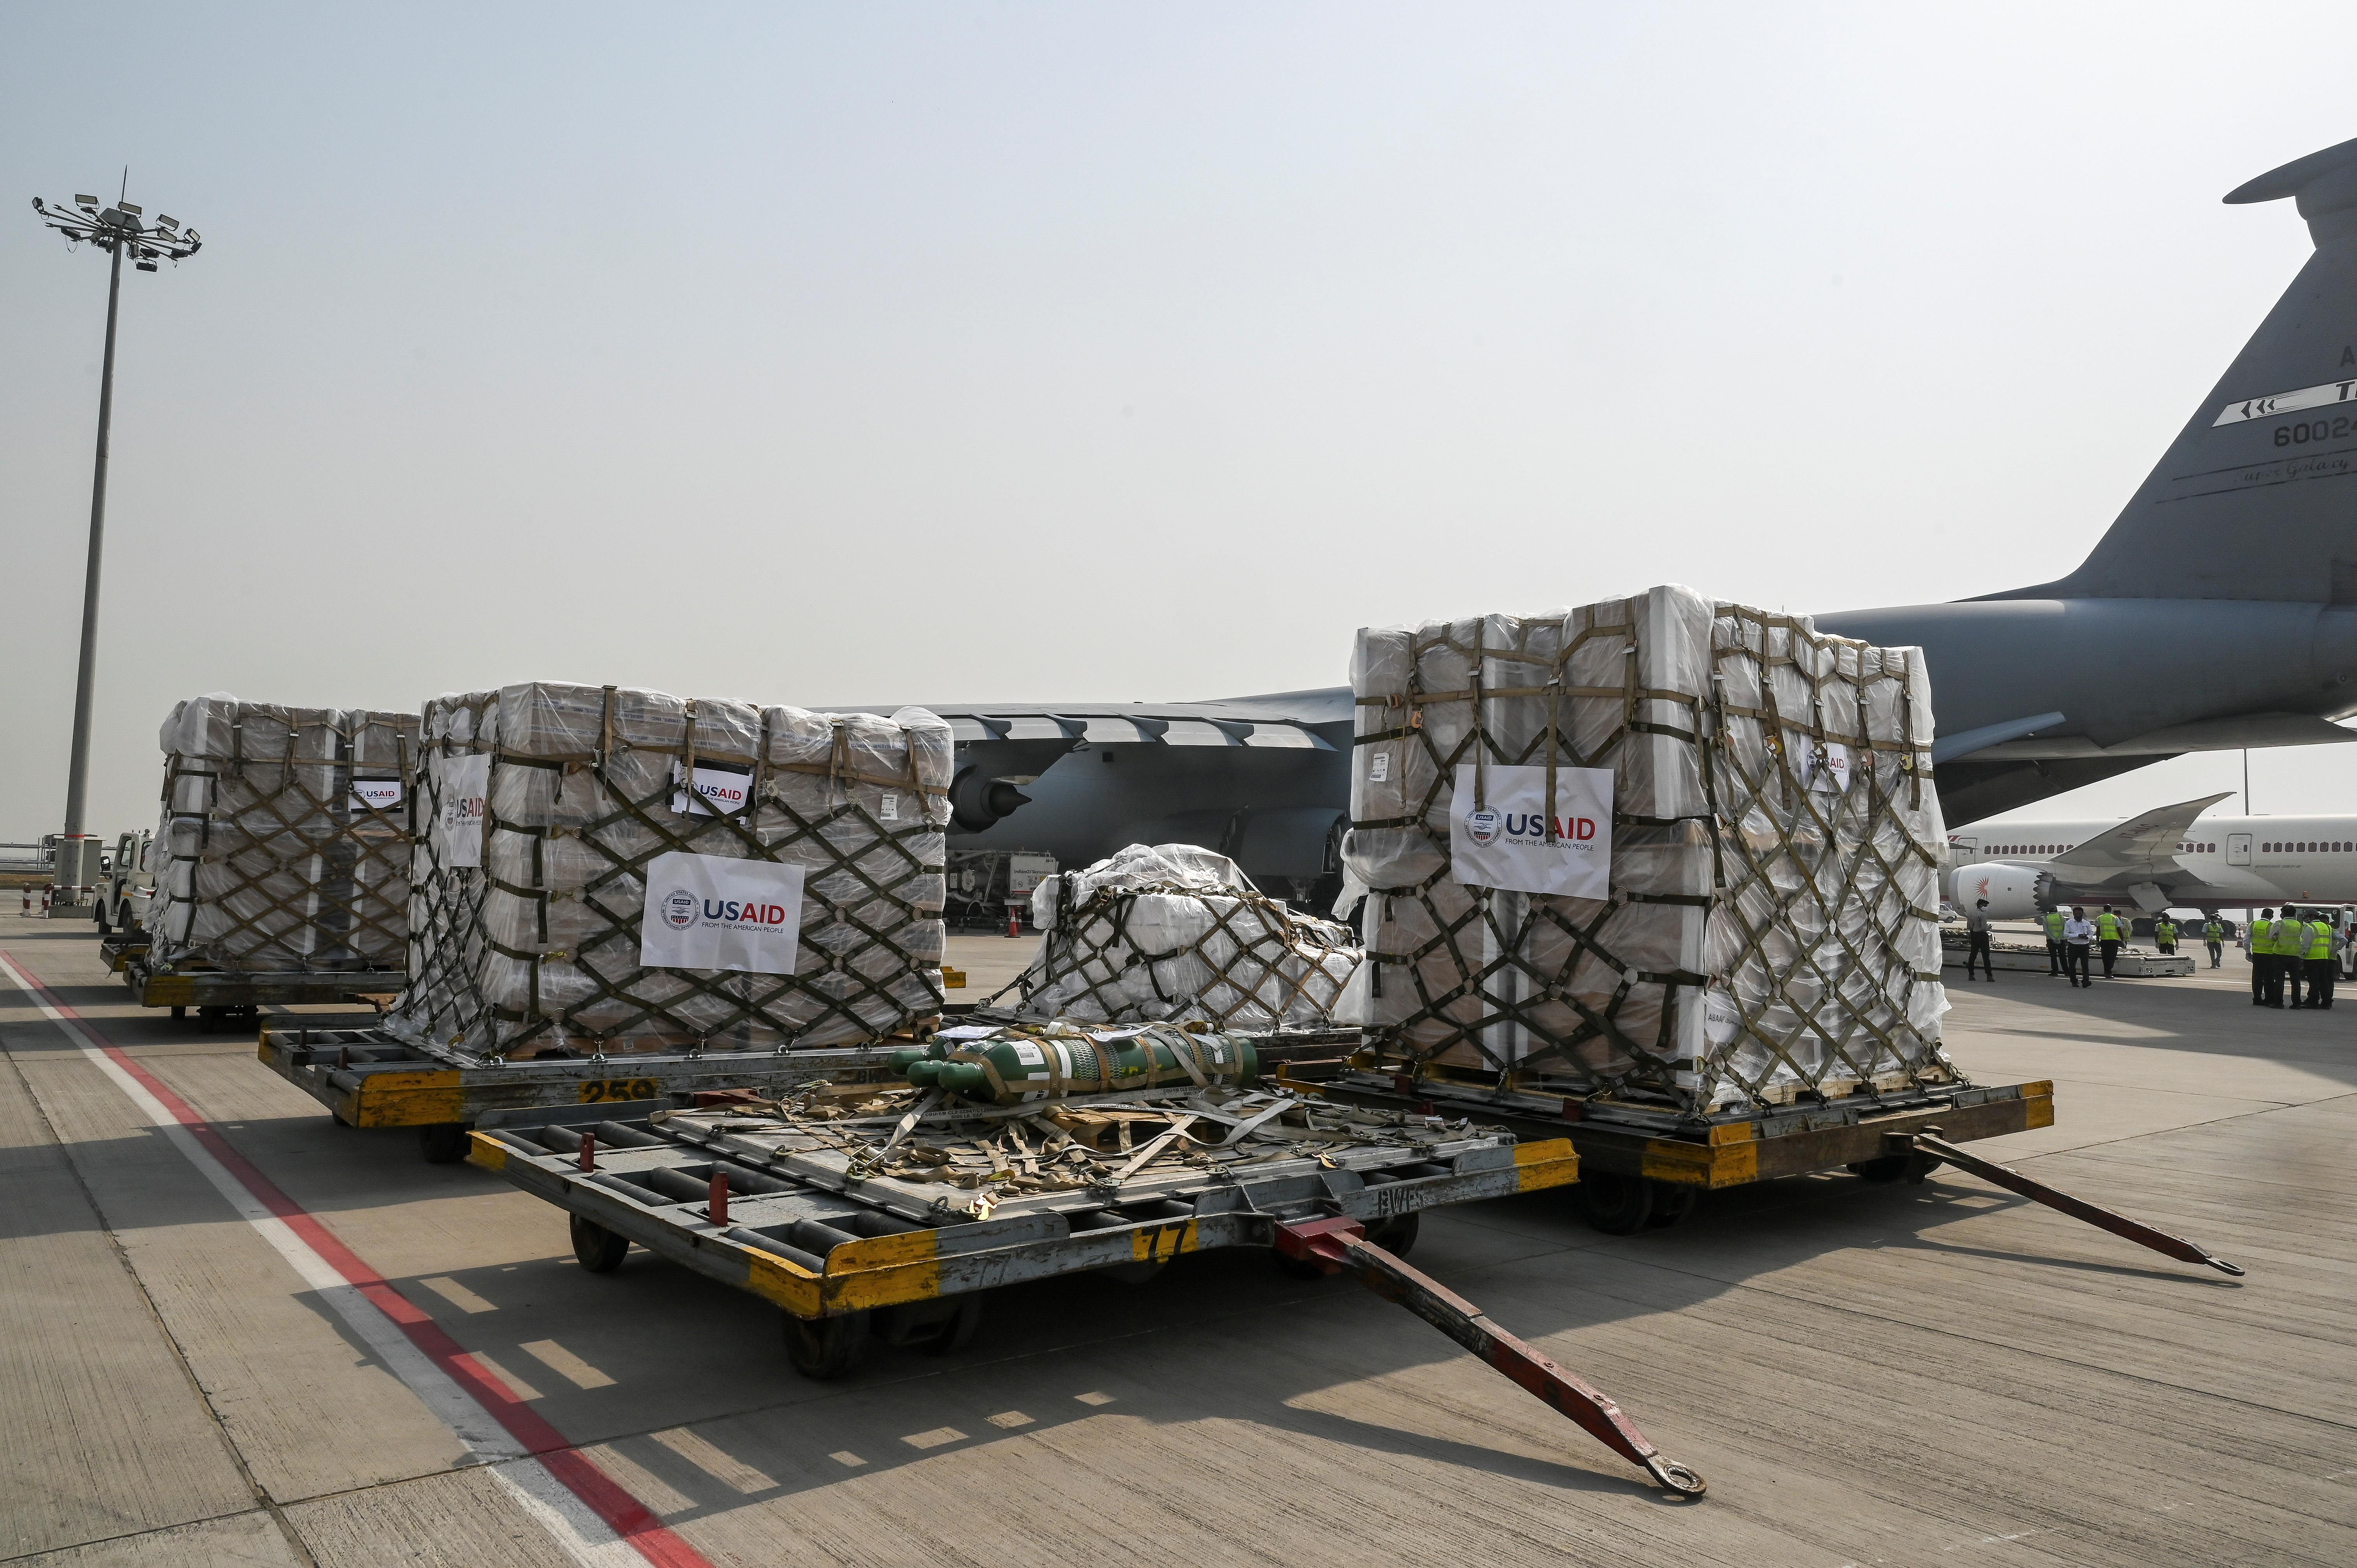 Поставки допомоги з питань коронавірусної хвороби (COVID-19) зі Сполучених Штатів спостерігаються на асфальтовому майданчику після вивантаження з літака ВПС США на вантажному терміналі Міжнародного аеропорту Індіри Ганді в Нью-Делі, Індія, 30 квітня 2021 року. REUTERS